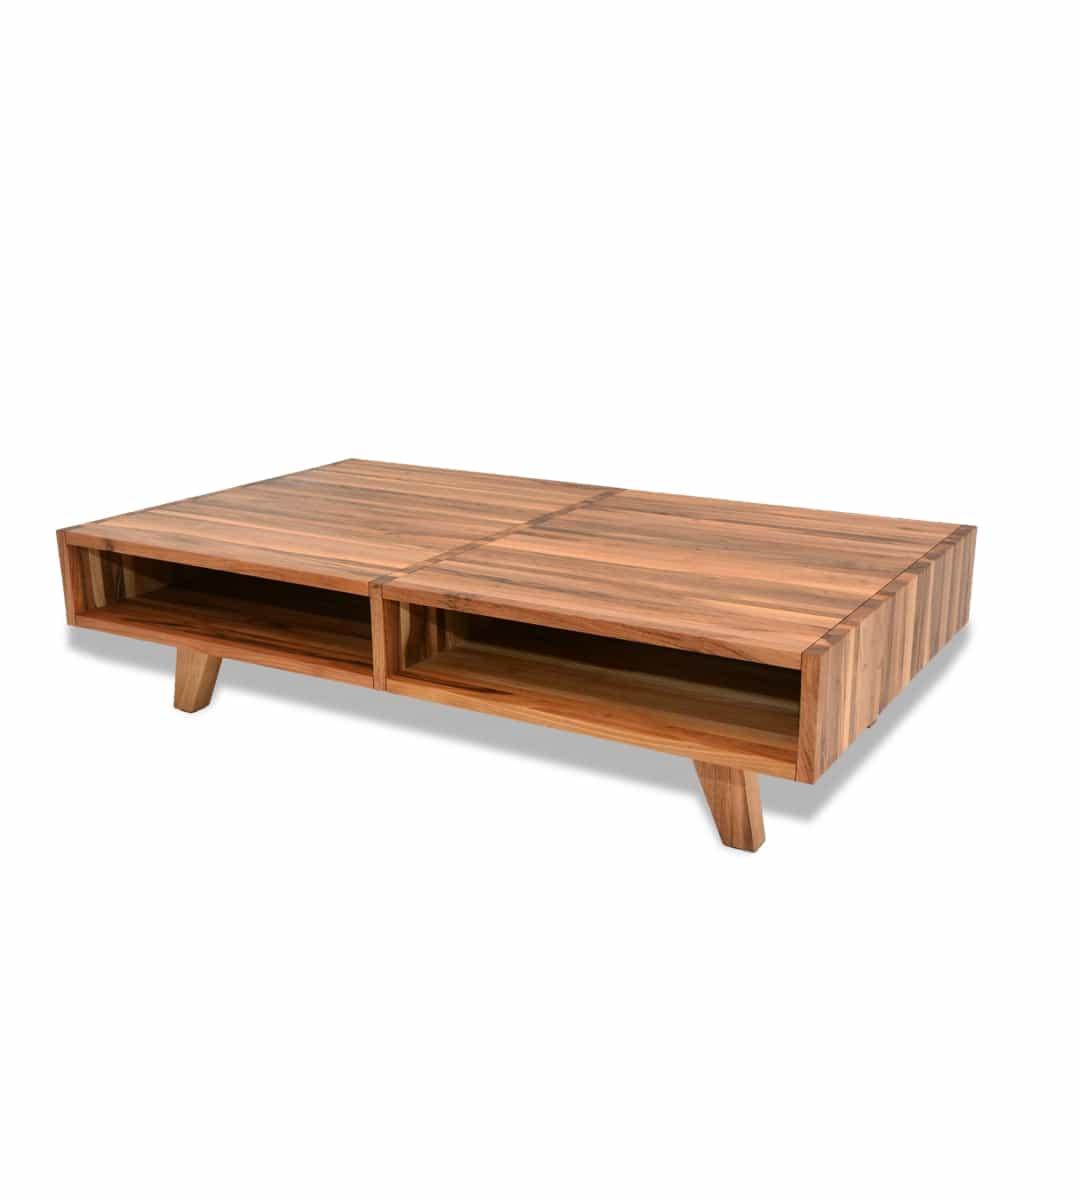 couchtisch holz nussbaum latest couchtisch juwel aus naturholz von team with couchtisch holz. Black Bedroom Furniture Sets. Home Design Ideas